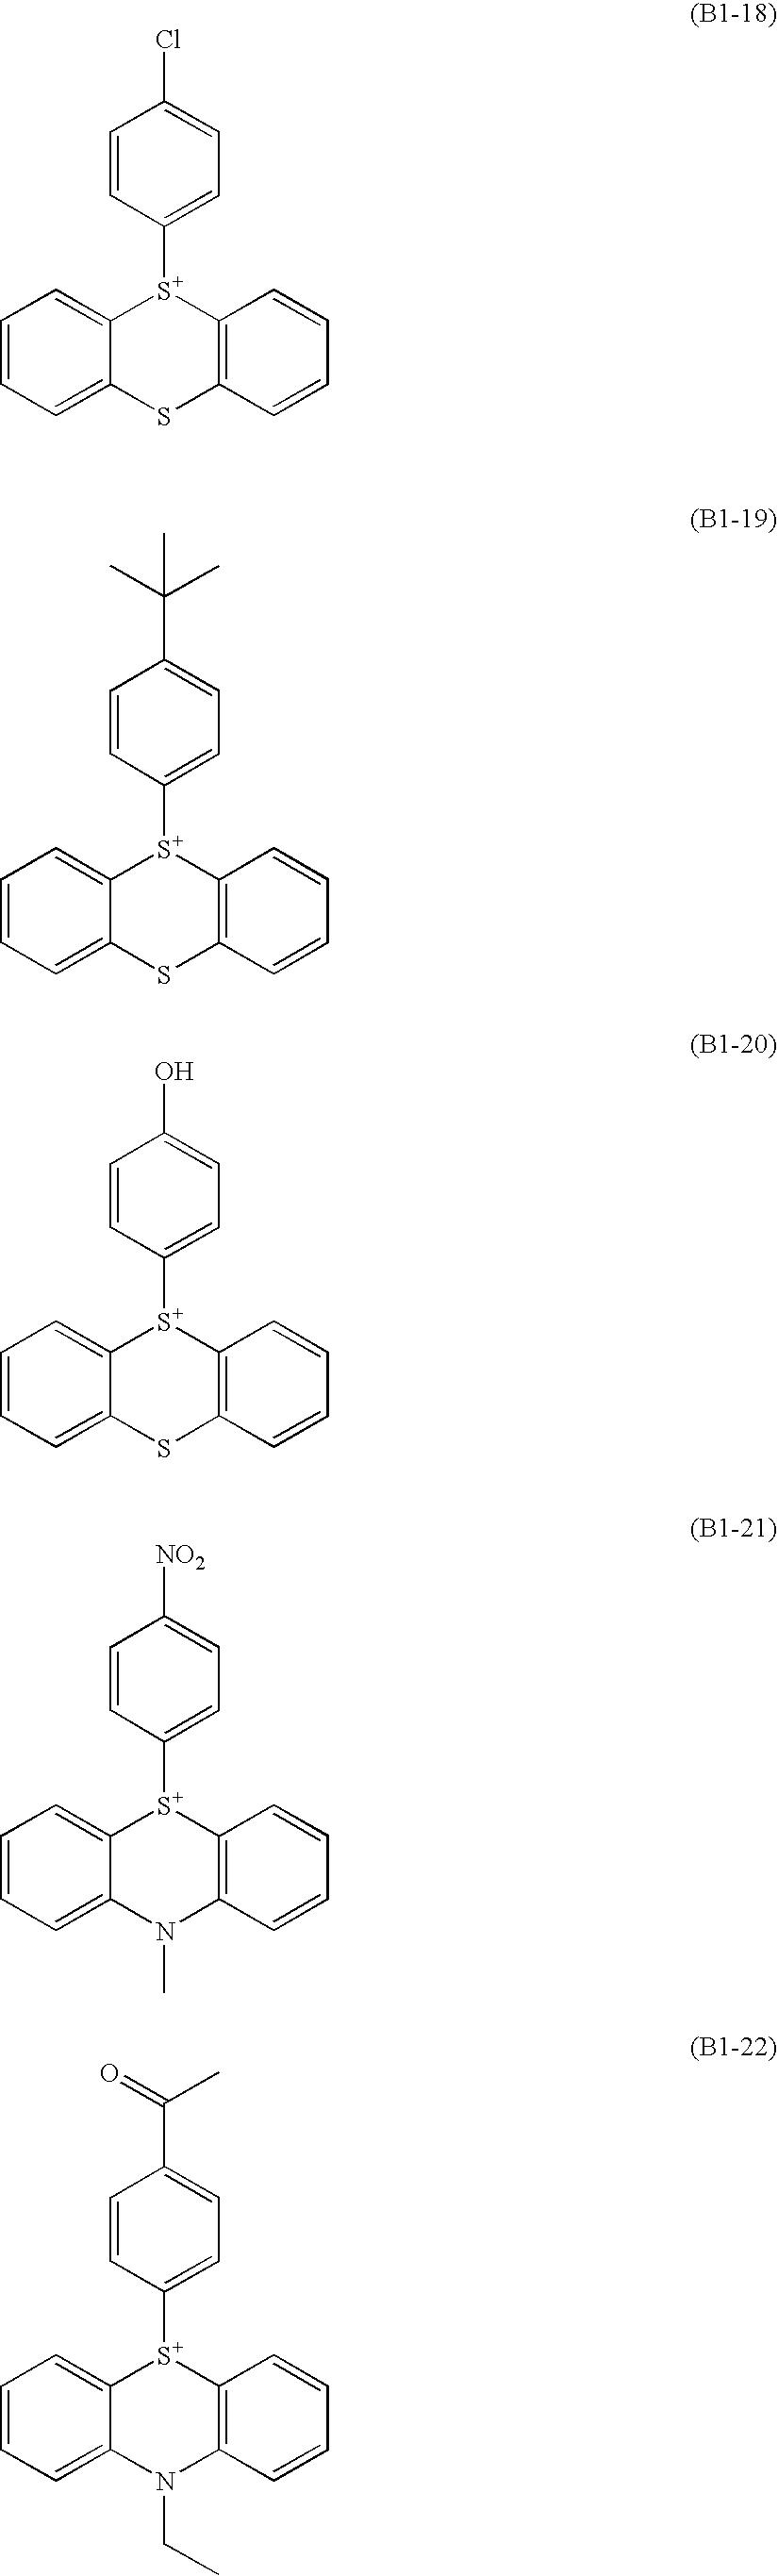 Figure US08852845-20141007-C00013